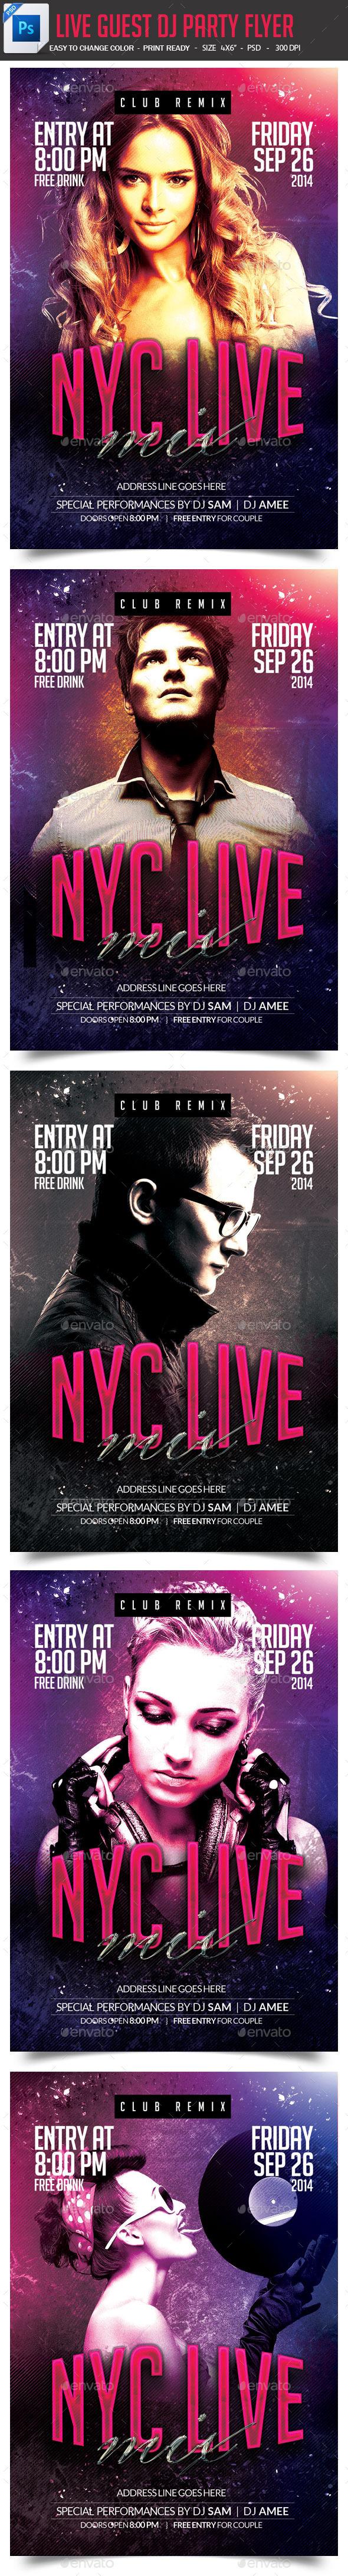 GraphicRiver DJ Artist Live Concert Flyer 9014234